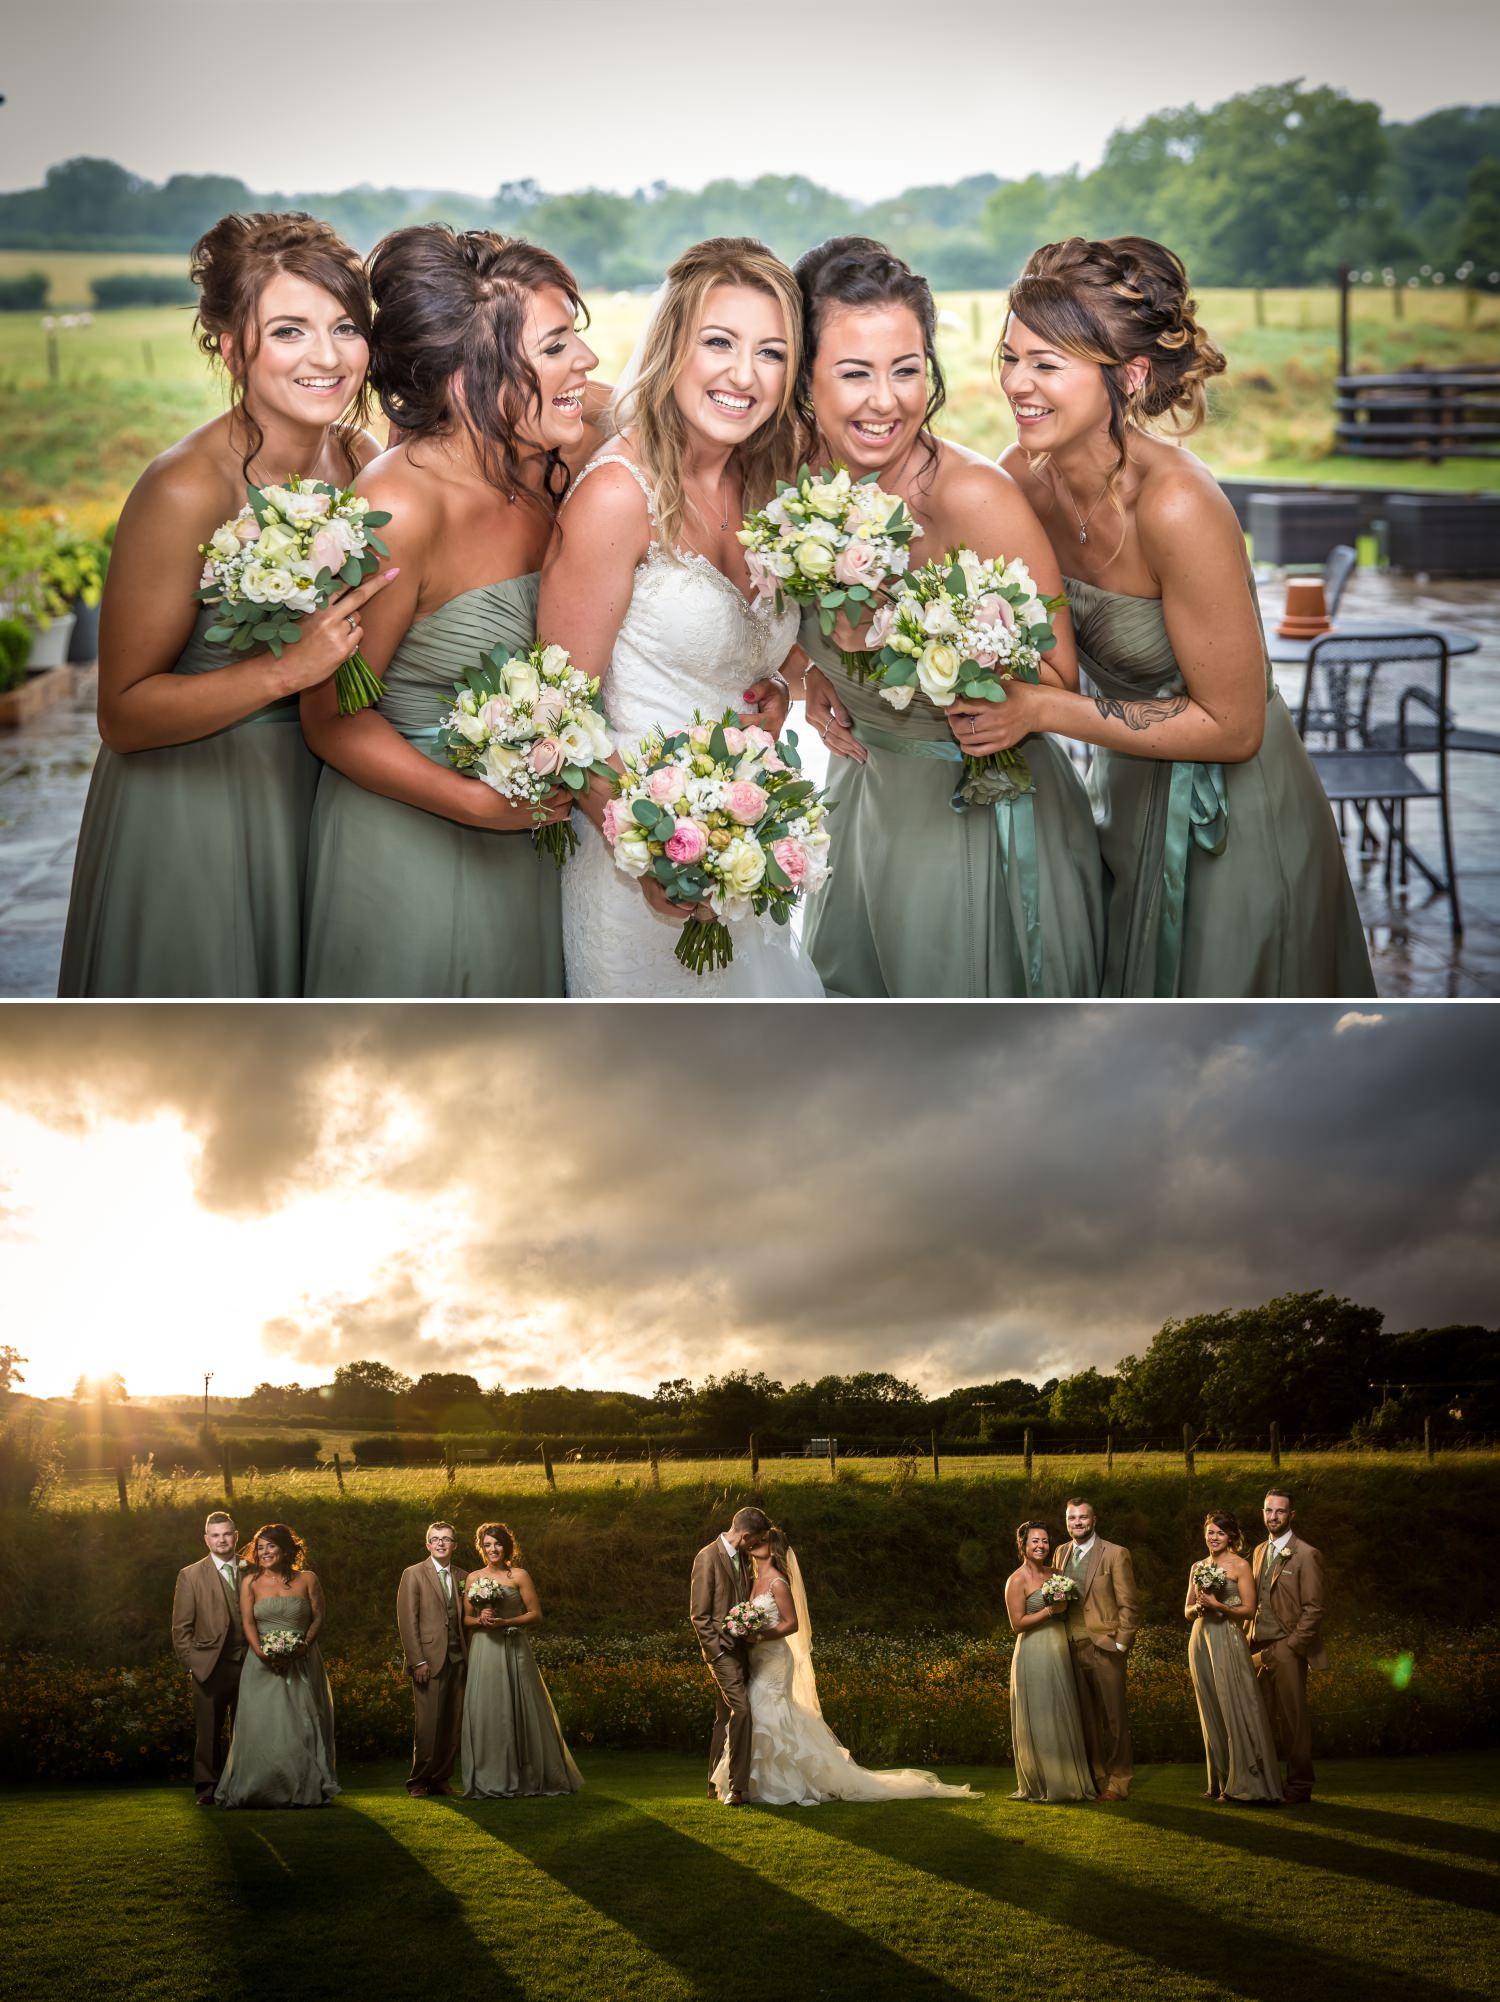 Wedding photography group shots of bridal party at Tower Hill Barns, North Wales